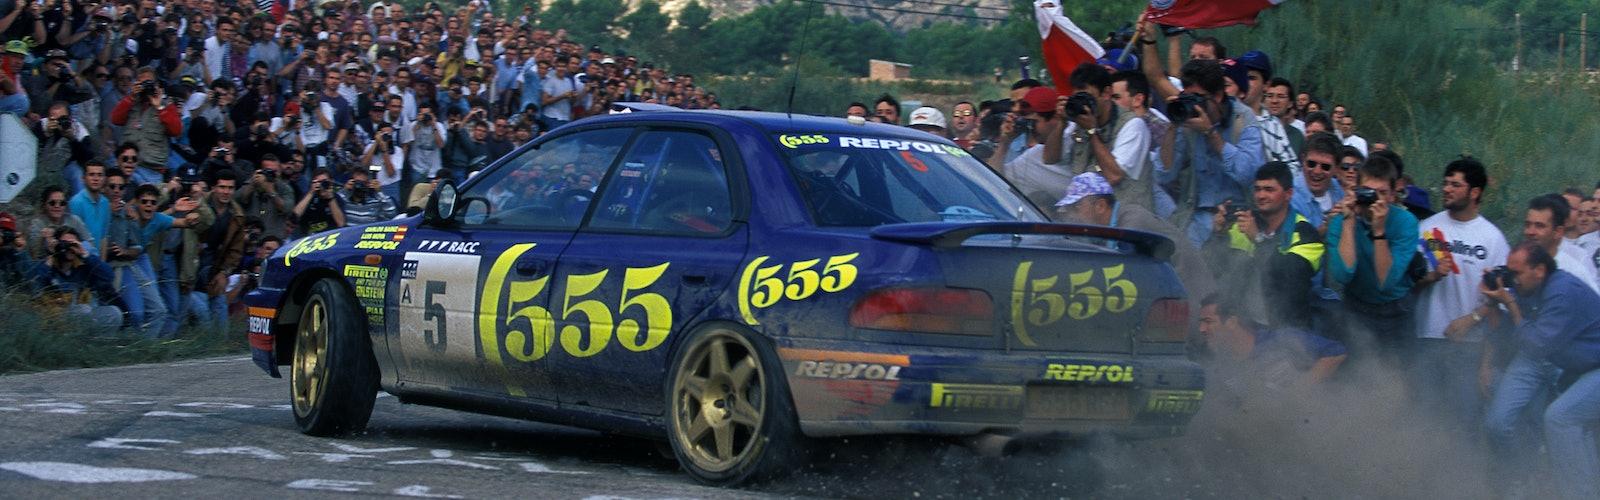 1995, Catalunya Spain Rally, Sainz, Carlos, Subaru Impreza 555, Action